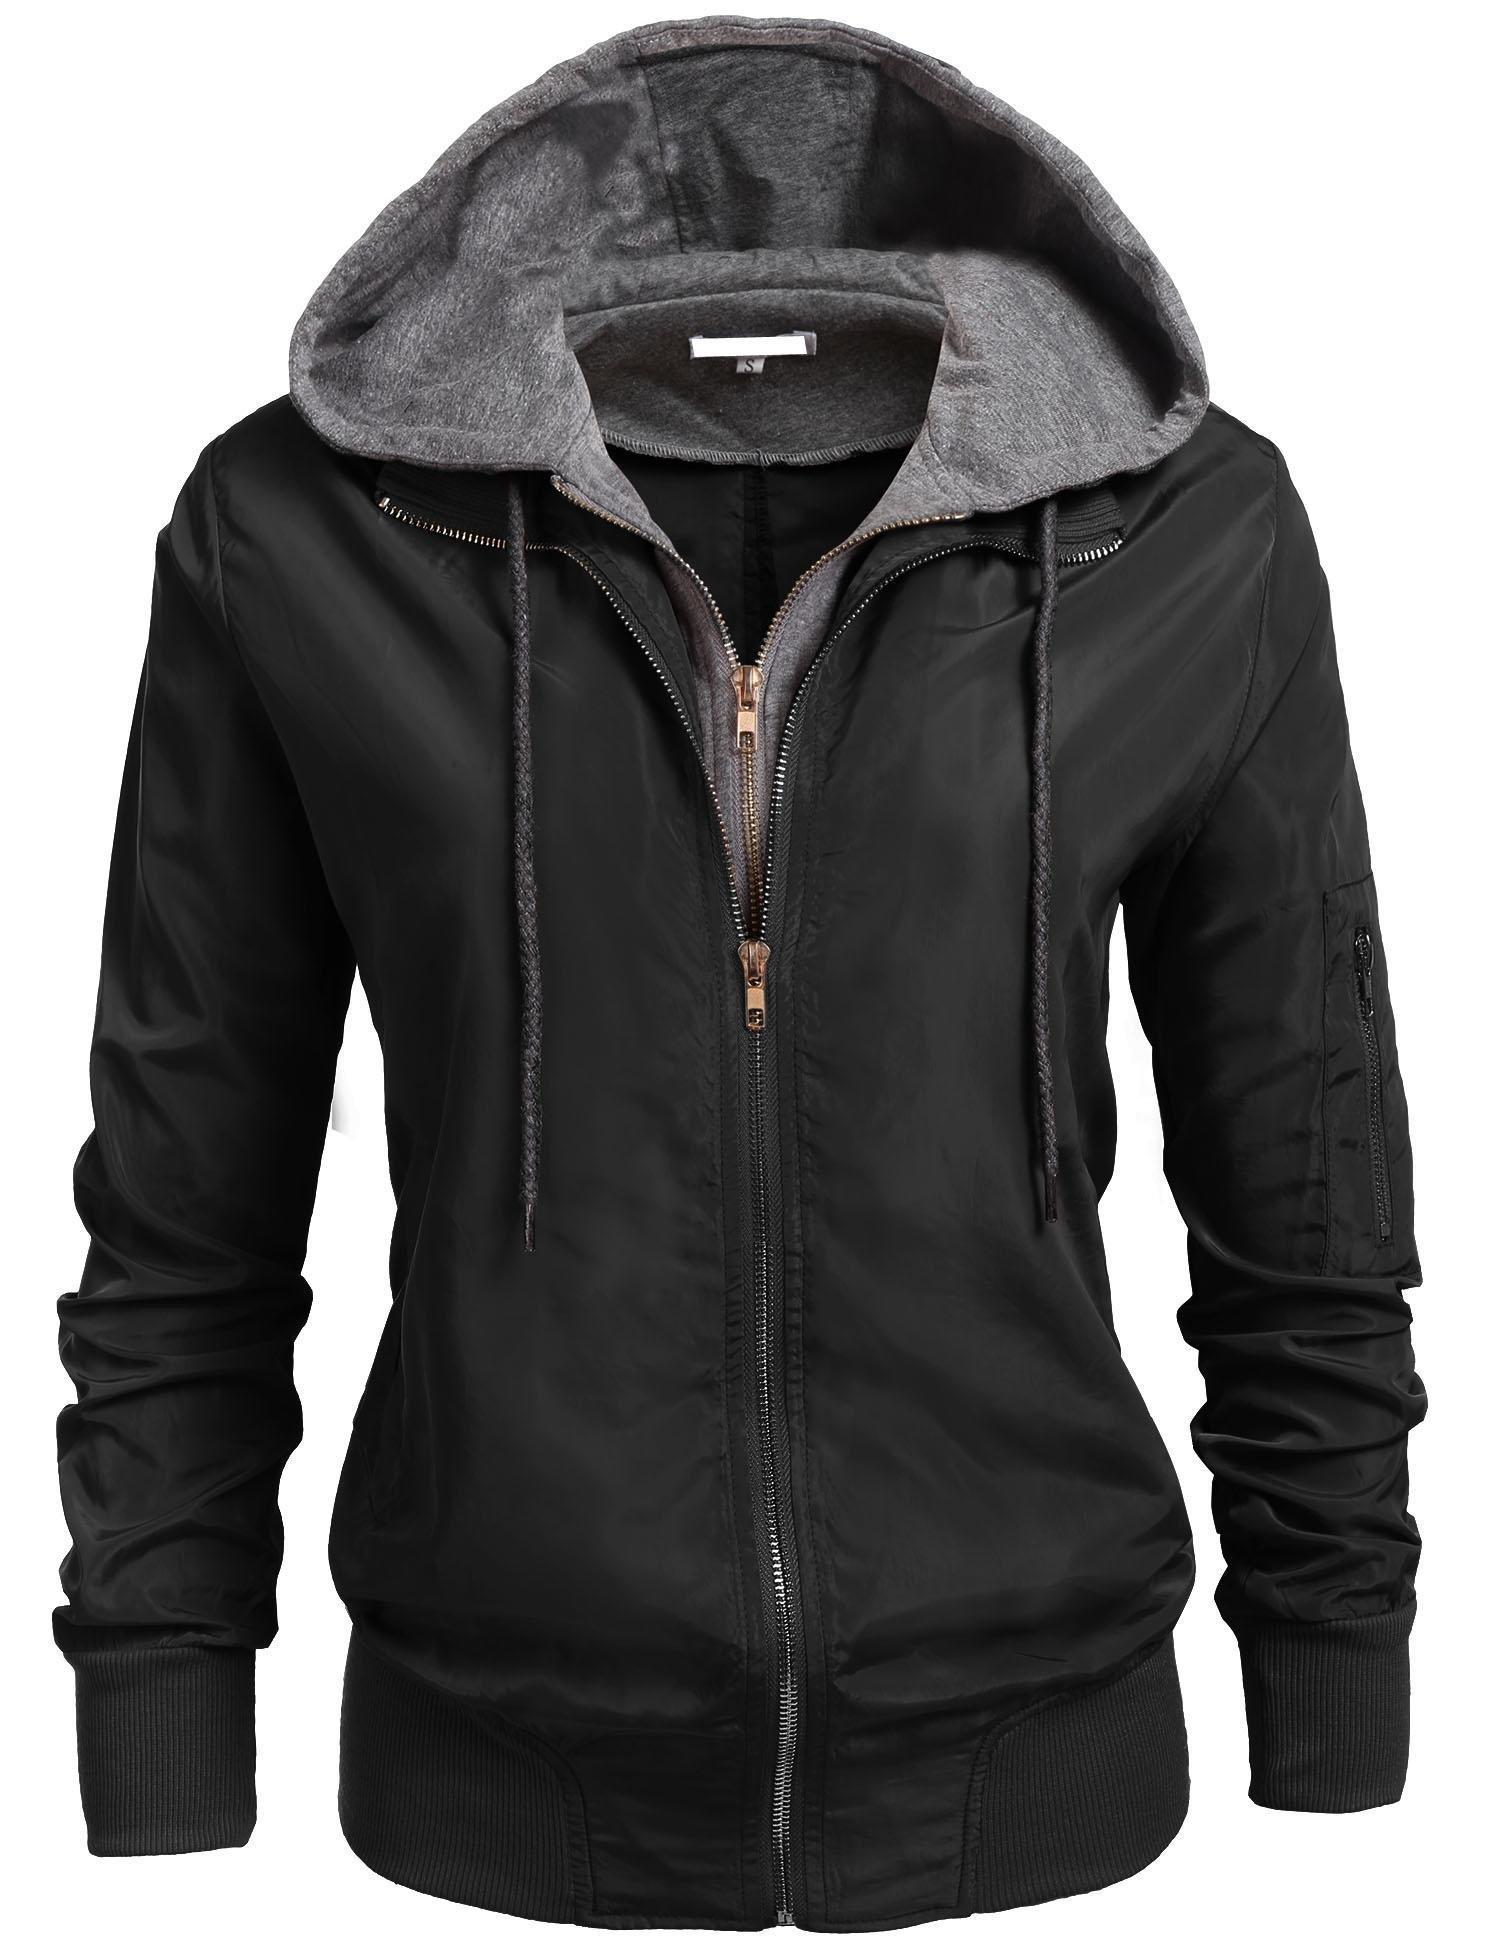 SoTeer Womens Zip Up Motorcycle Short Jacket with Hoodie Black XXL